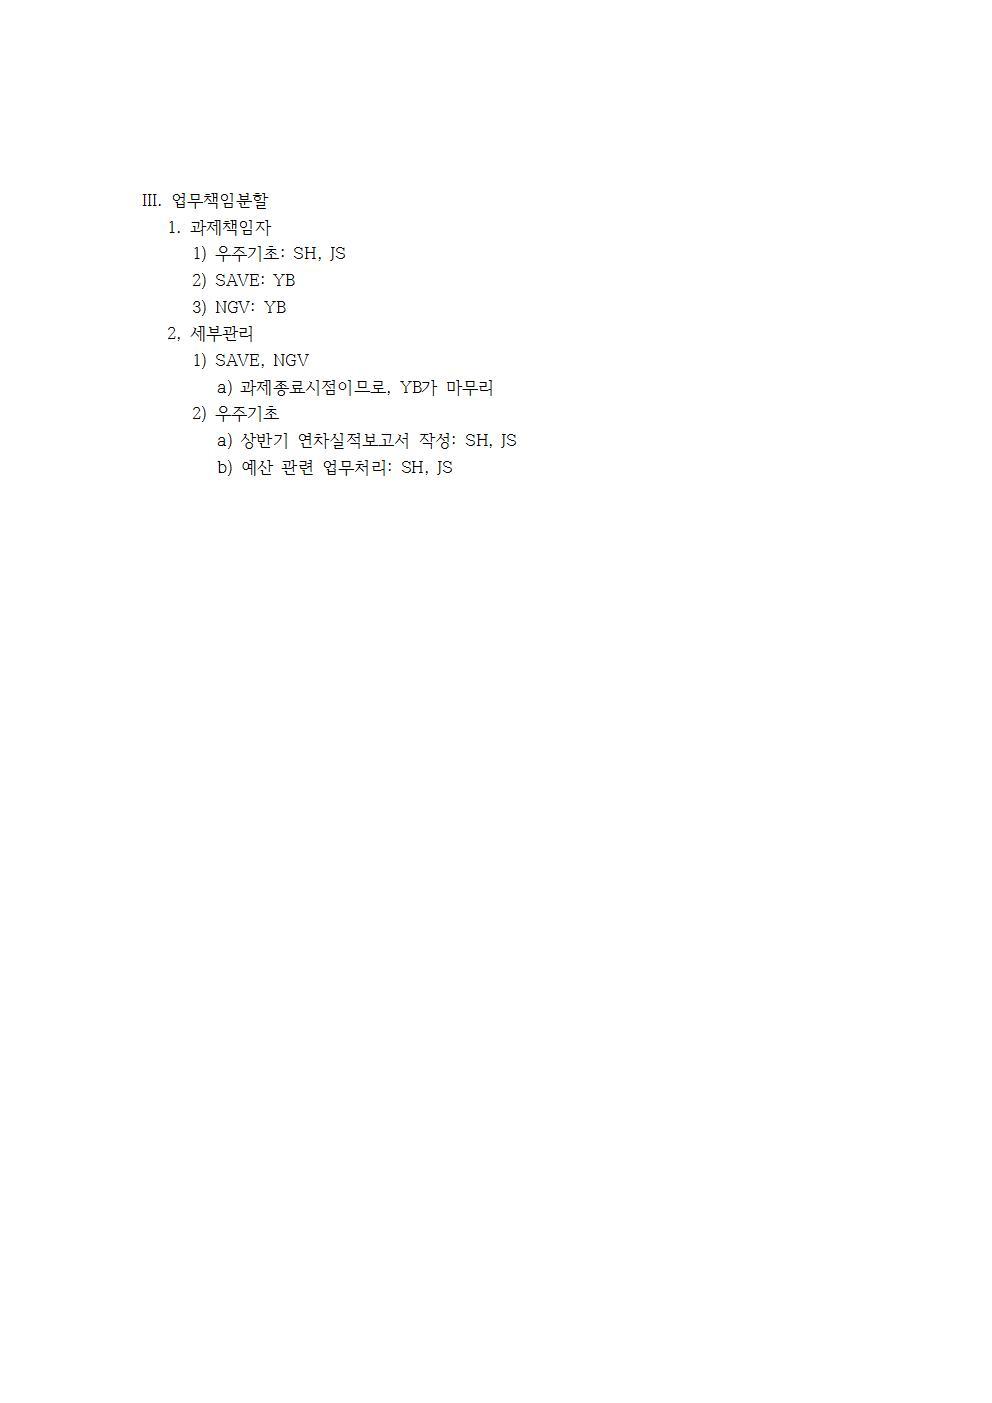 4-Thu-2018-01-04-Meeting002.jpg